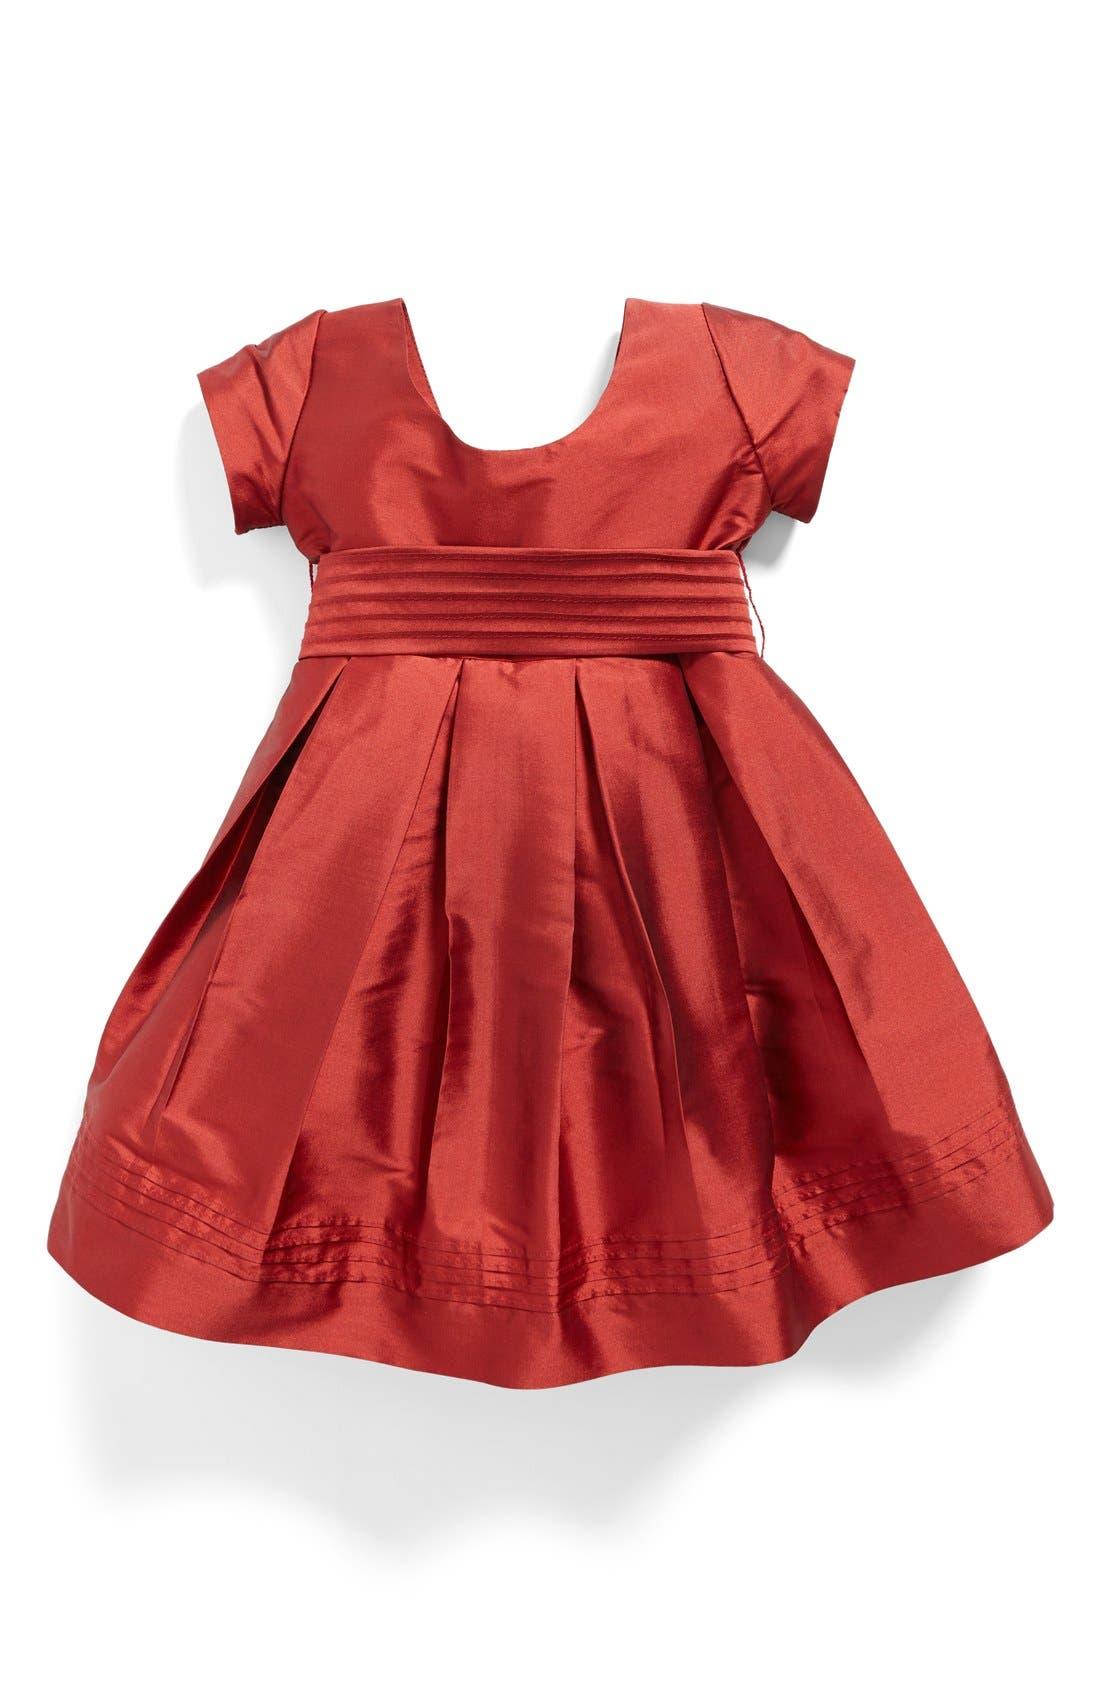 Main Image - Isabel GarretonCap Sleeve Taffeta Dress (Toddler Girls, Little Girls & Big Girls)